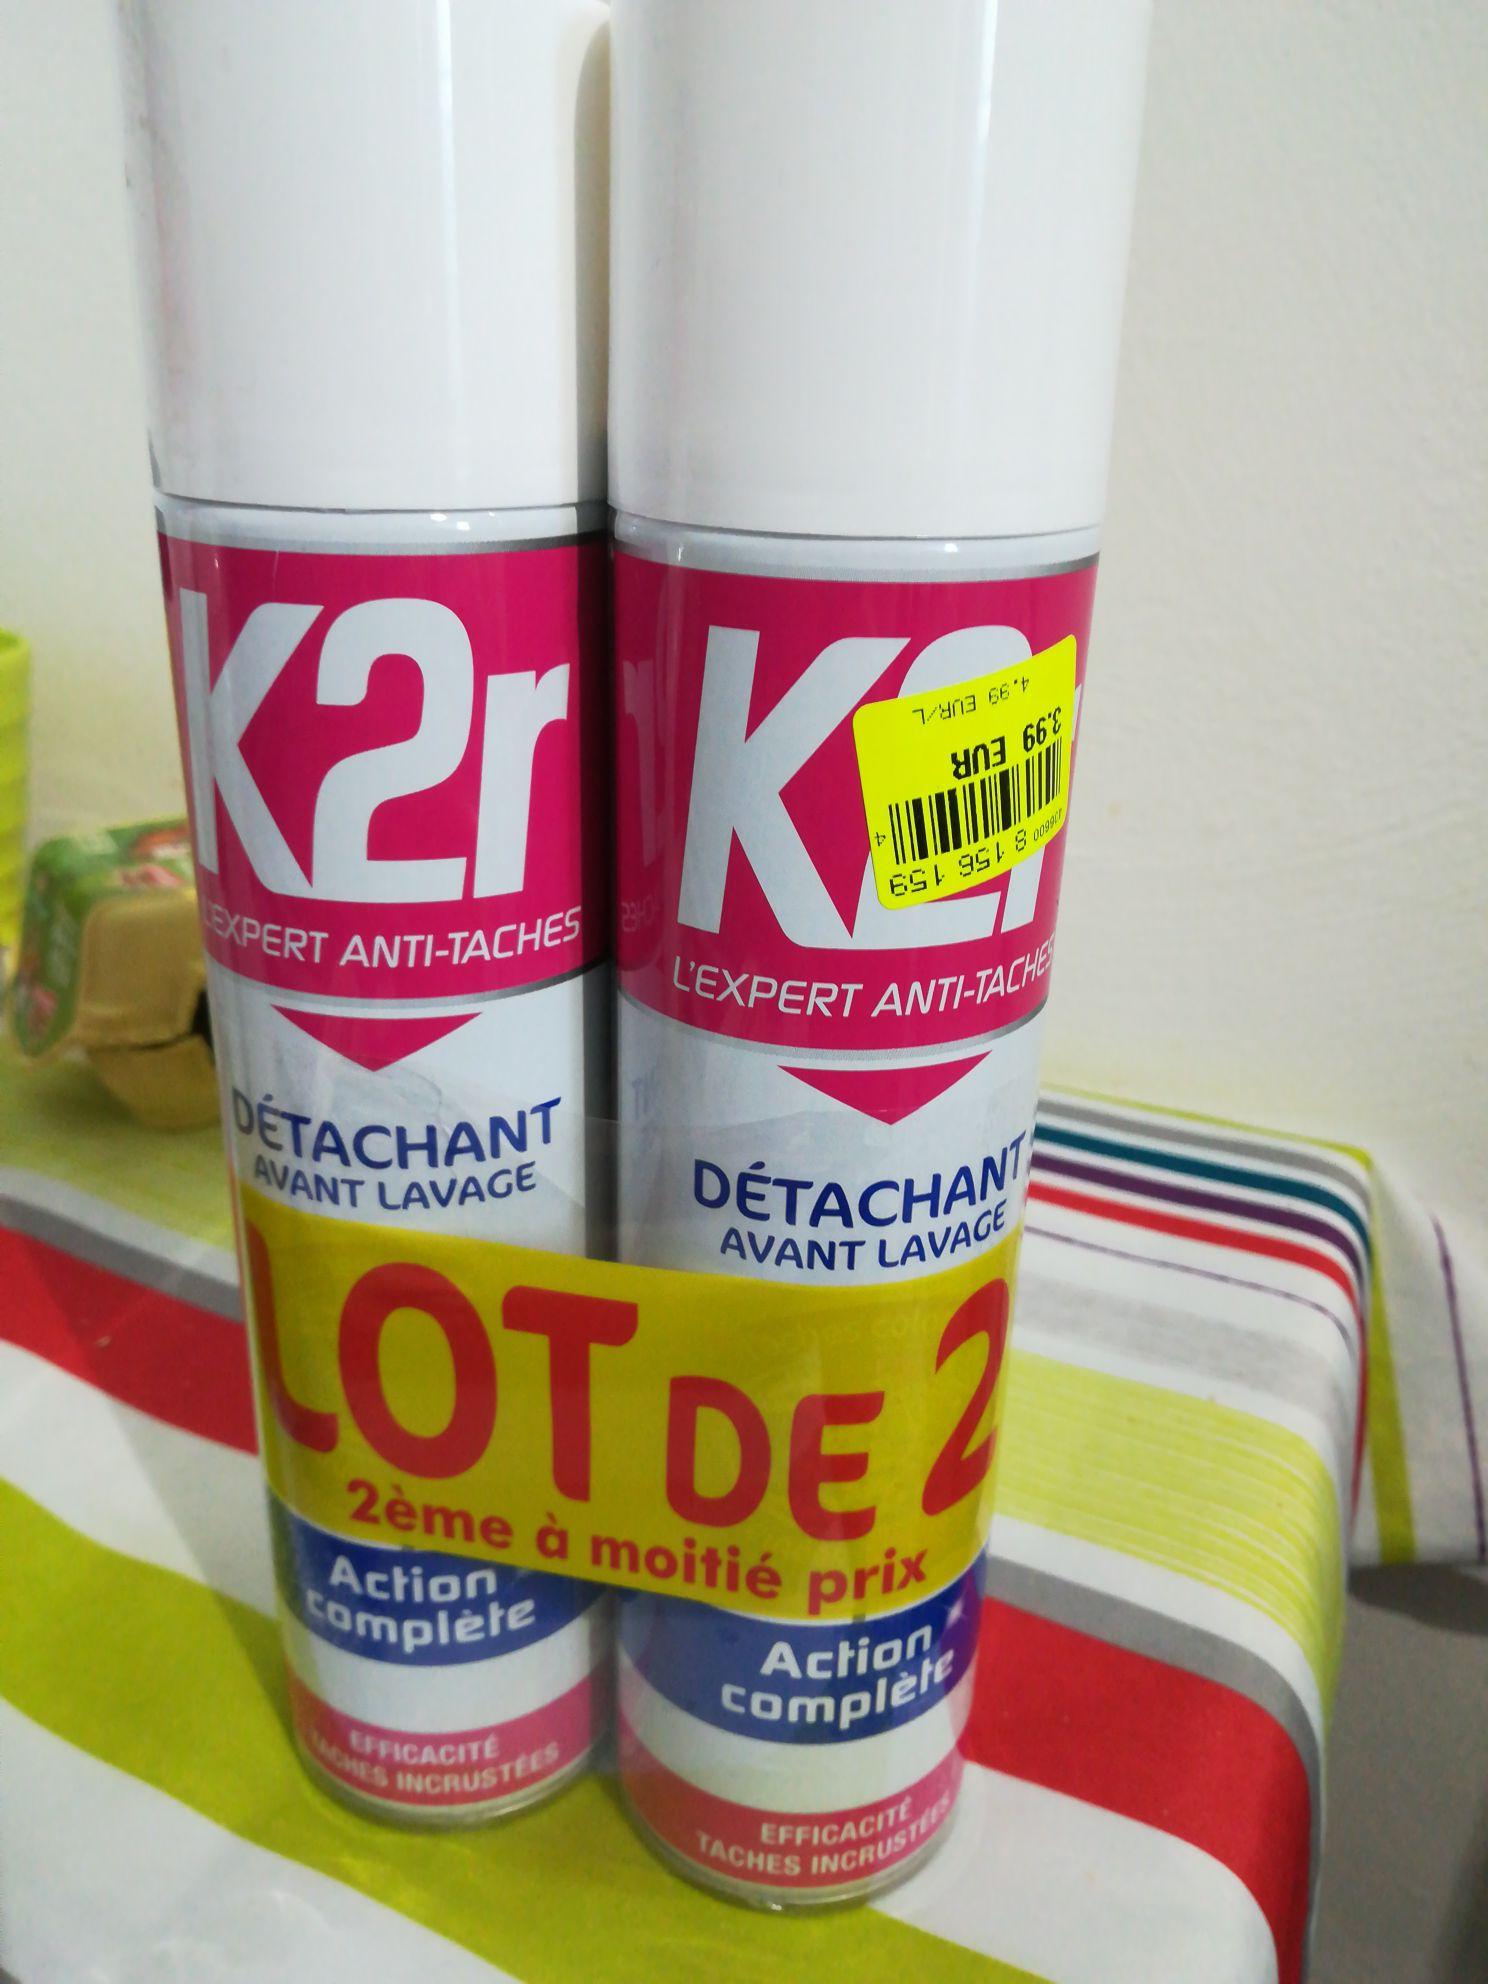 Lot de 2 détachants avant-lavage en spray K2R (2x400 ml) - Cormontreuil (51)